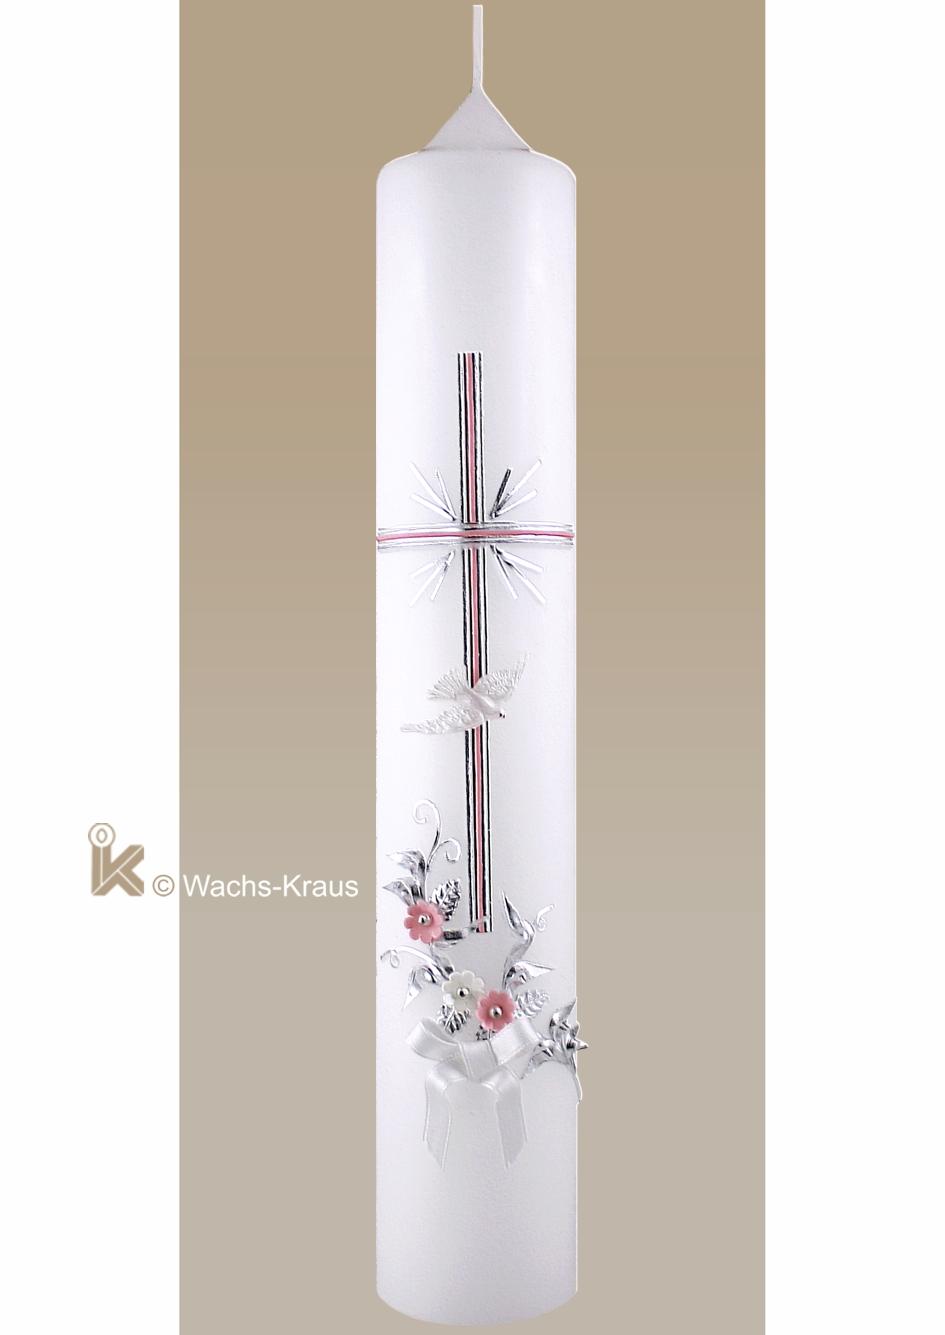 In feinster handwerklicher Tradition gestaltete Taufkerze für Mädchen. Das silbern unterlegte zartrosa Kreuz und eine Blumenranke mit Blüten.